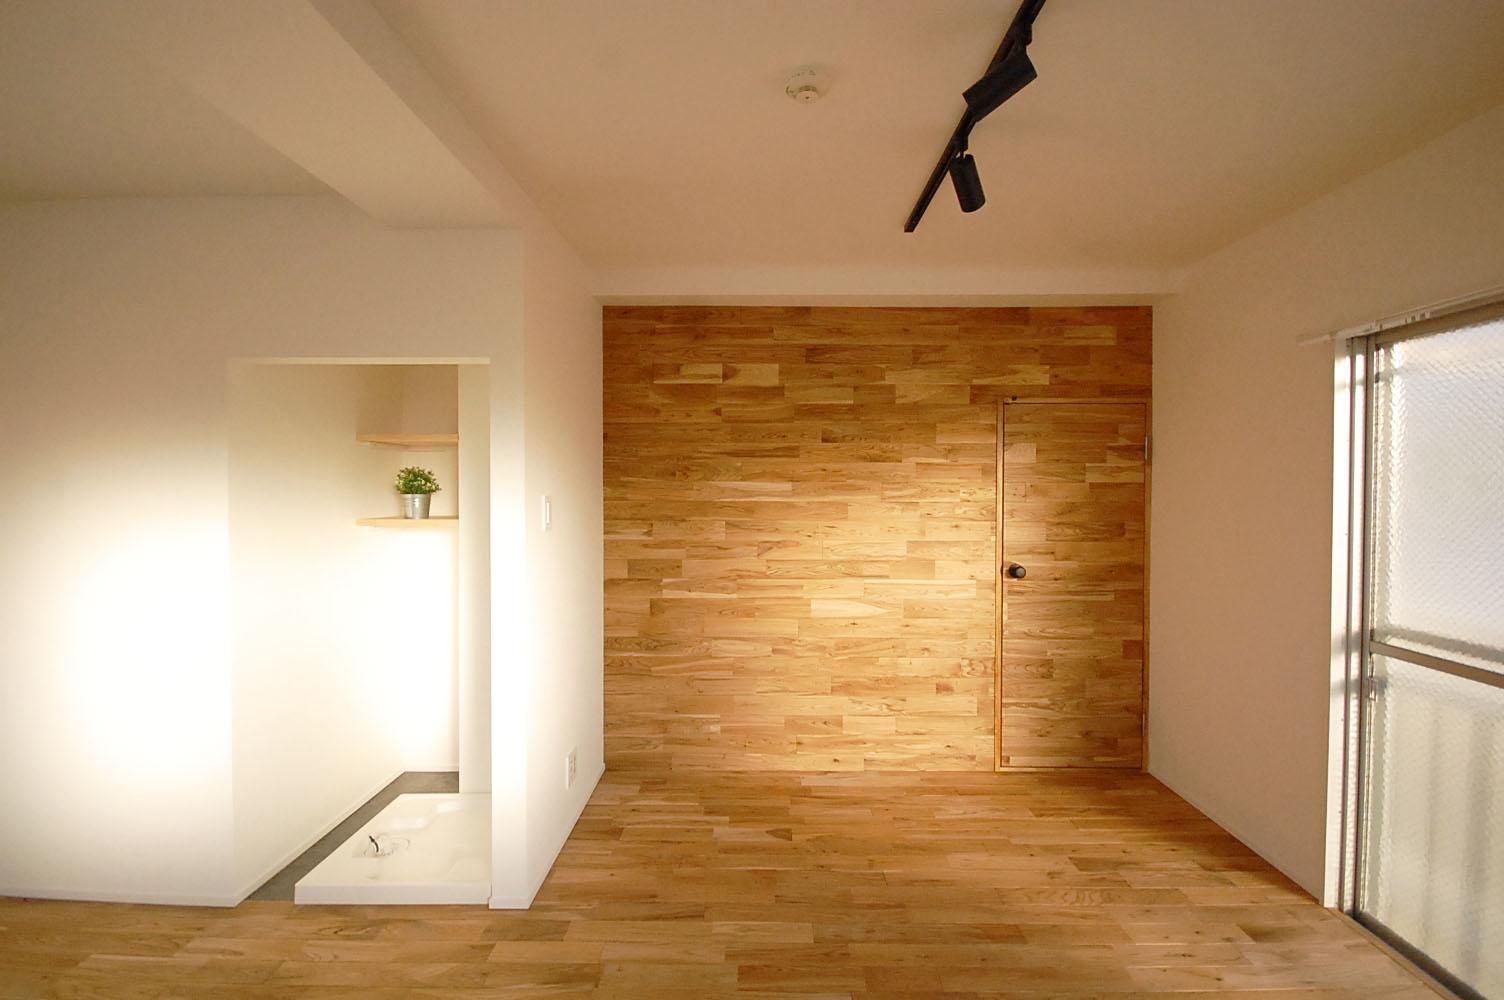 オーク材の壁